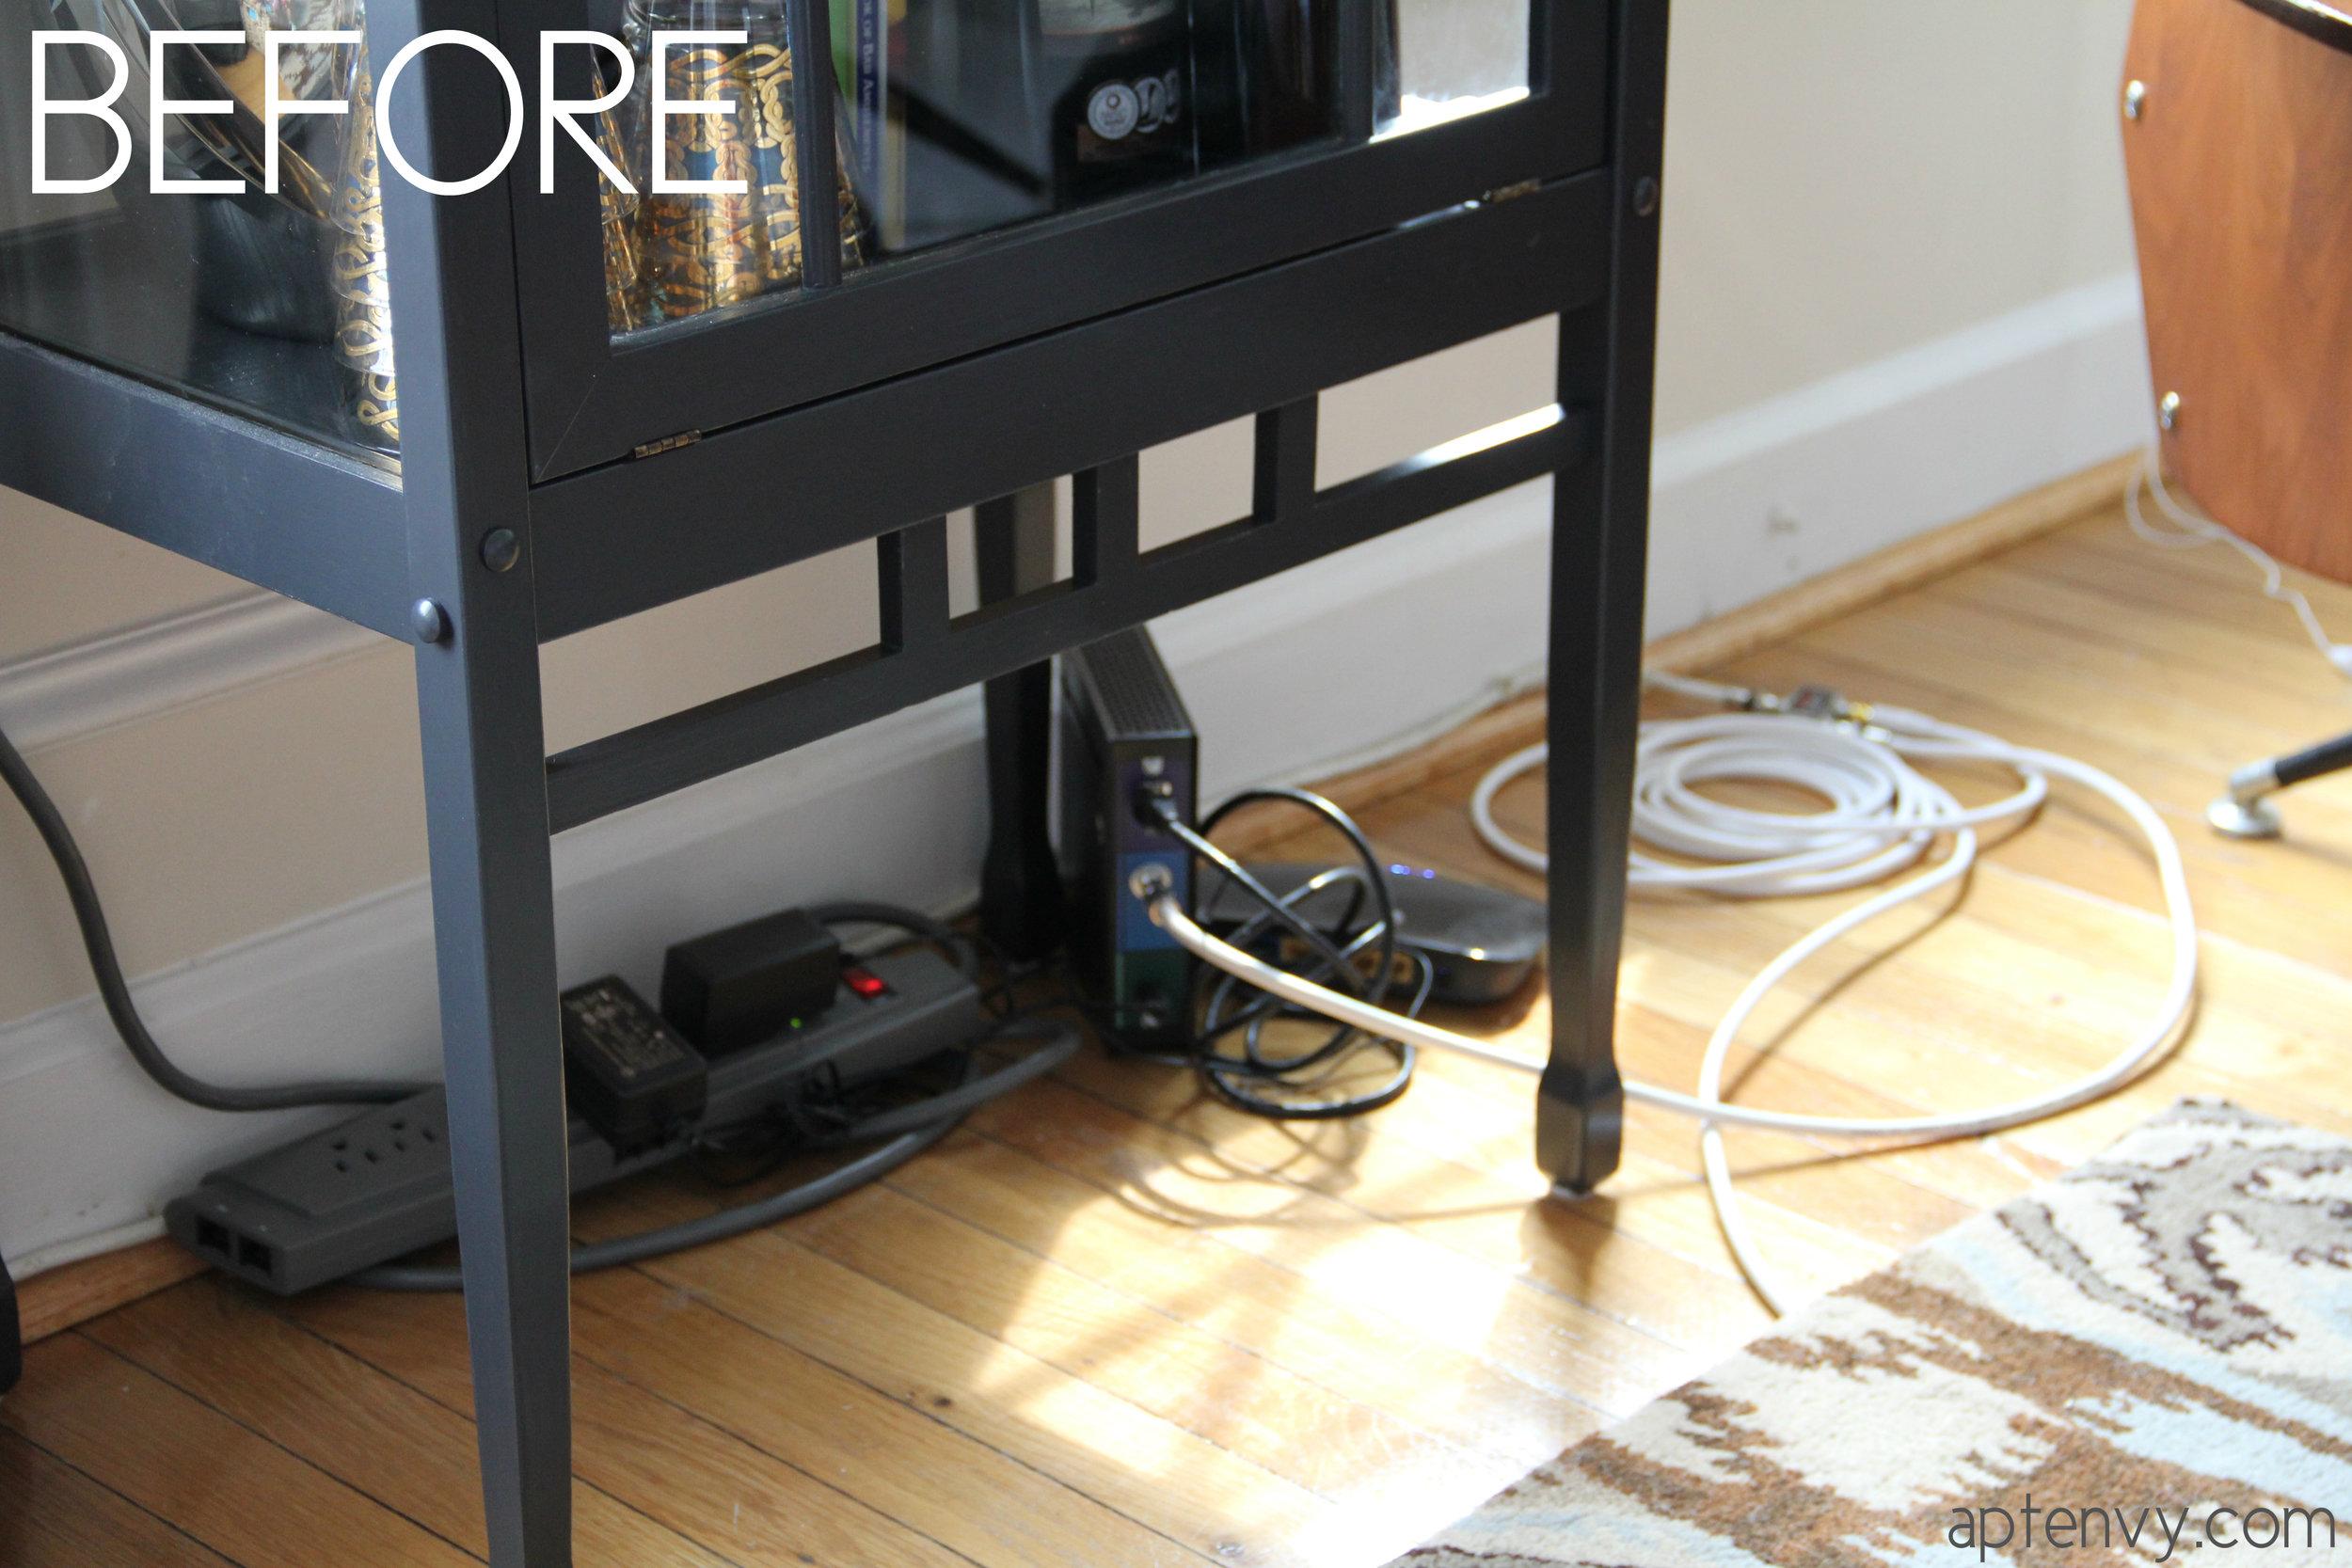 cord-mess.jpg